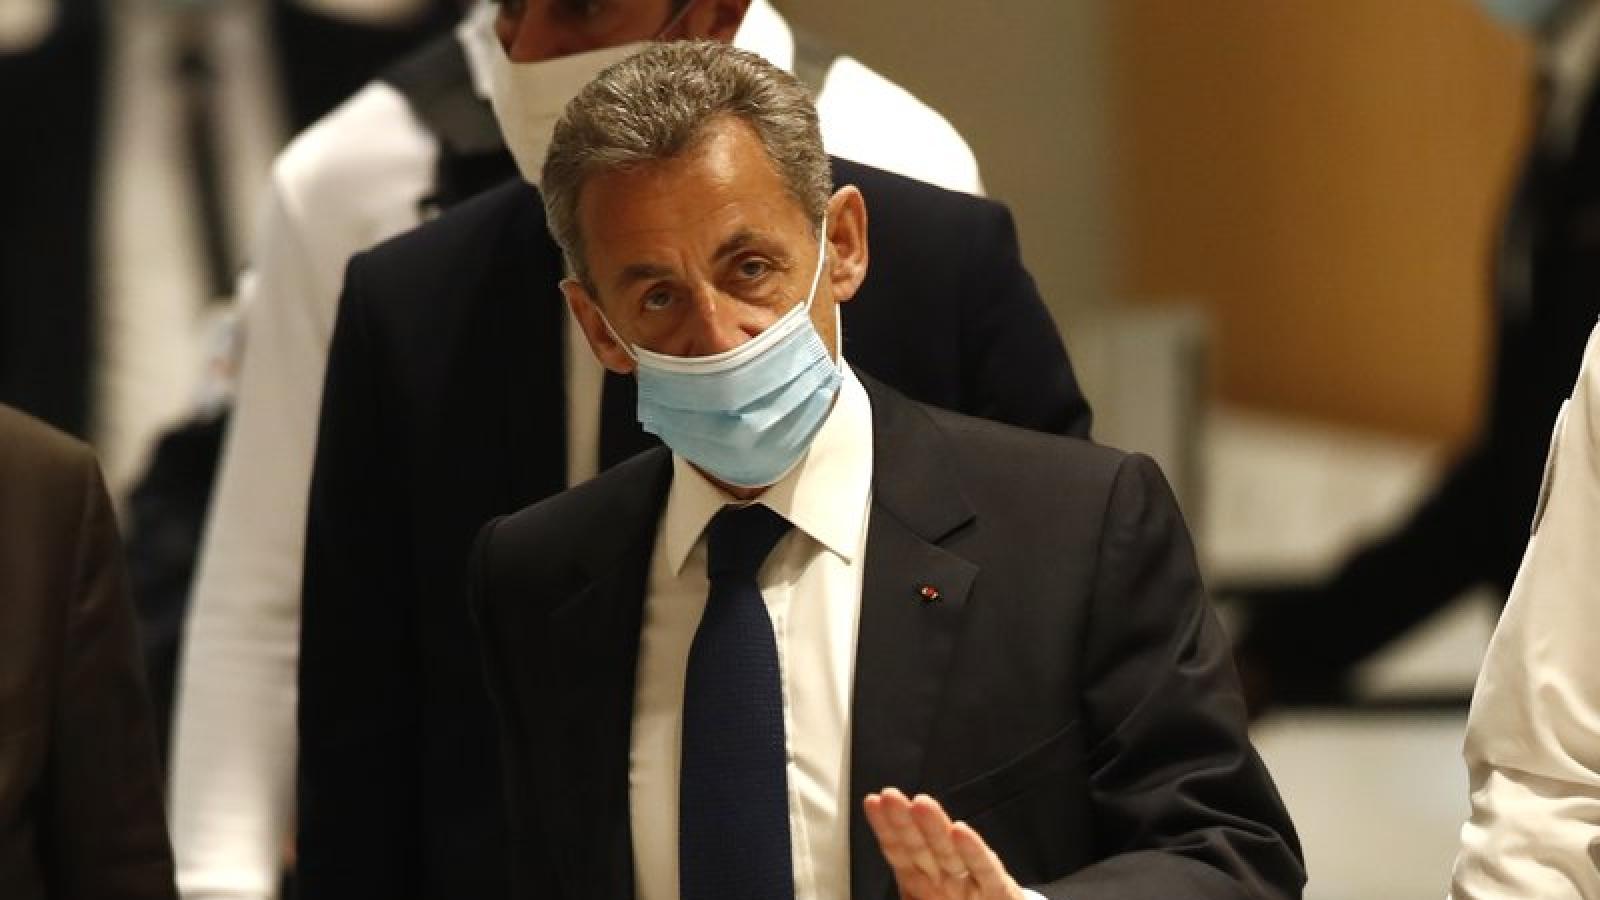 Tương lai tù tội và dấu chấm hết cho tham vọng trở lại của cựu Tổng thống Pháp Sarkozy